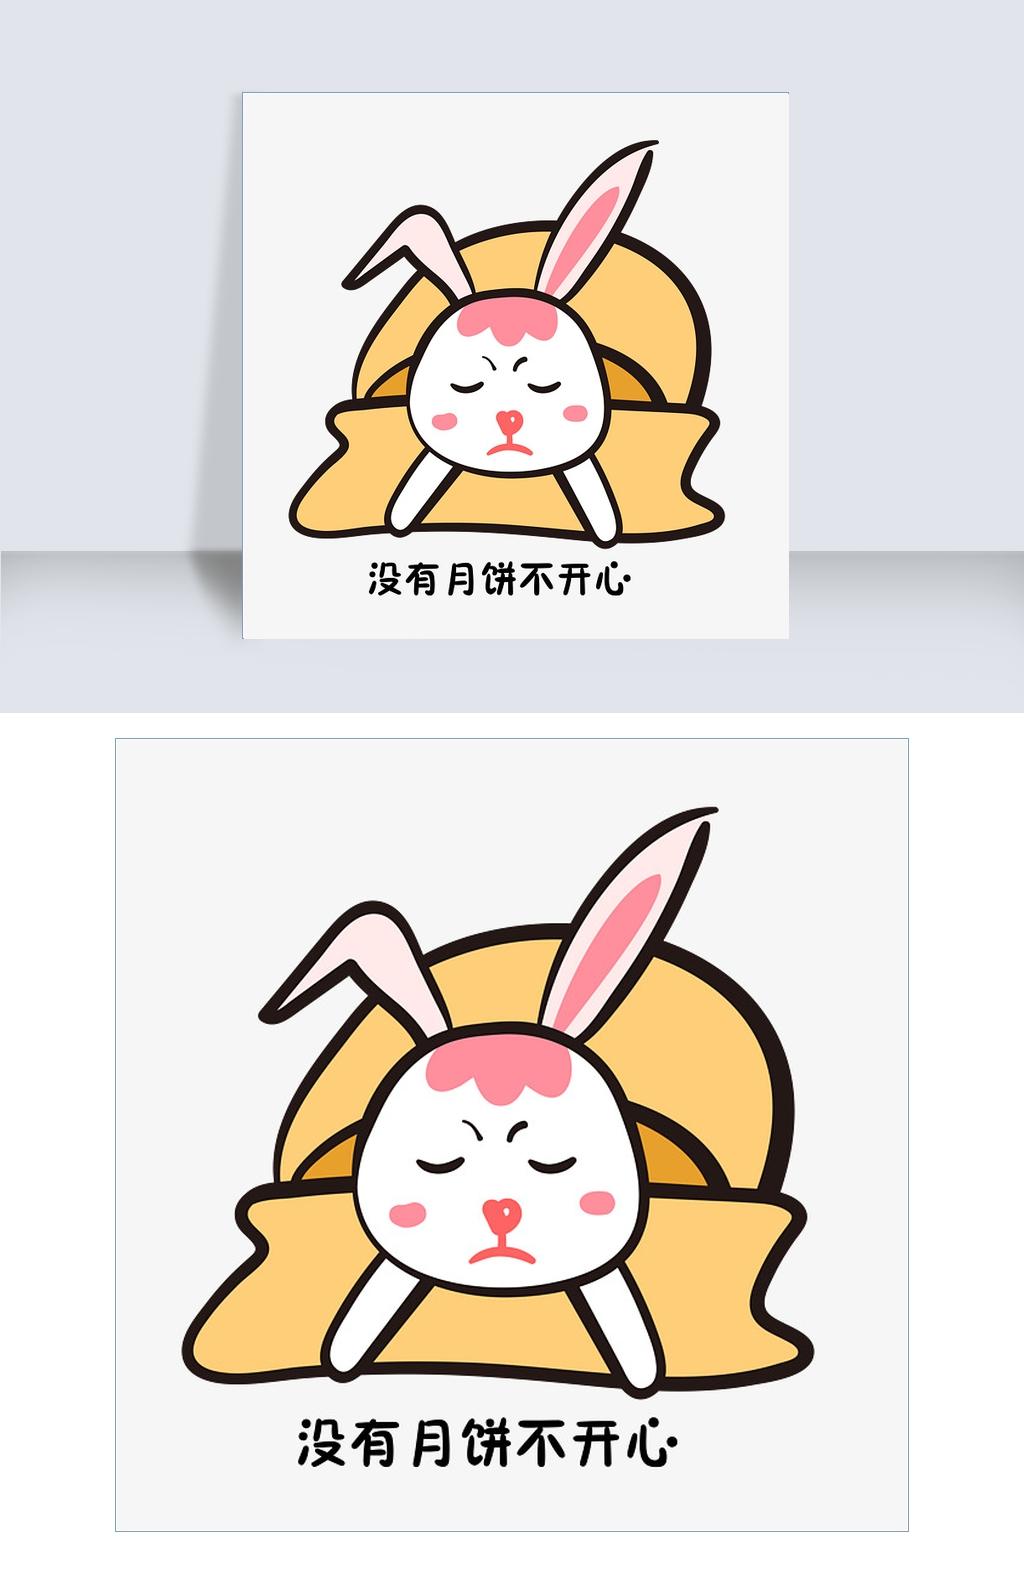 可爱没吃月饼不开心的小兔子图片素材 AI格式 下载 卡通手绘边框大全